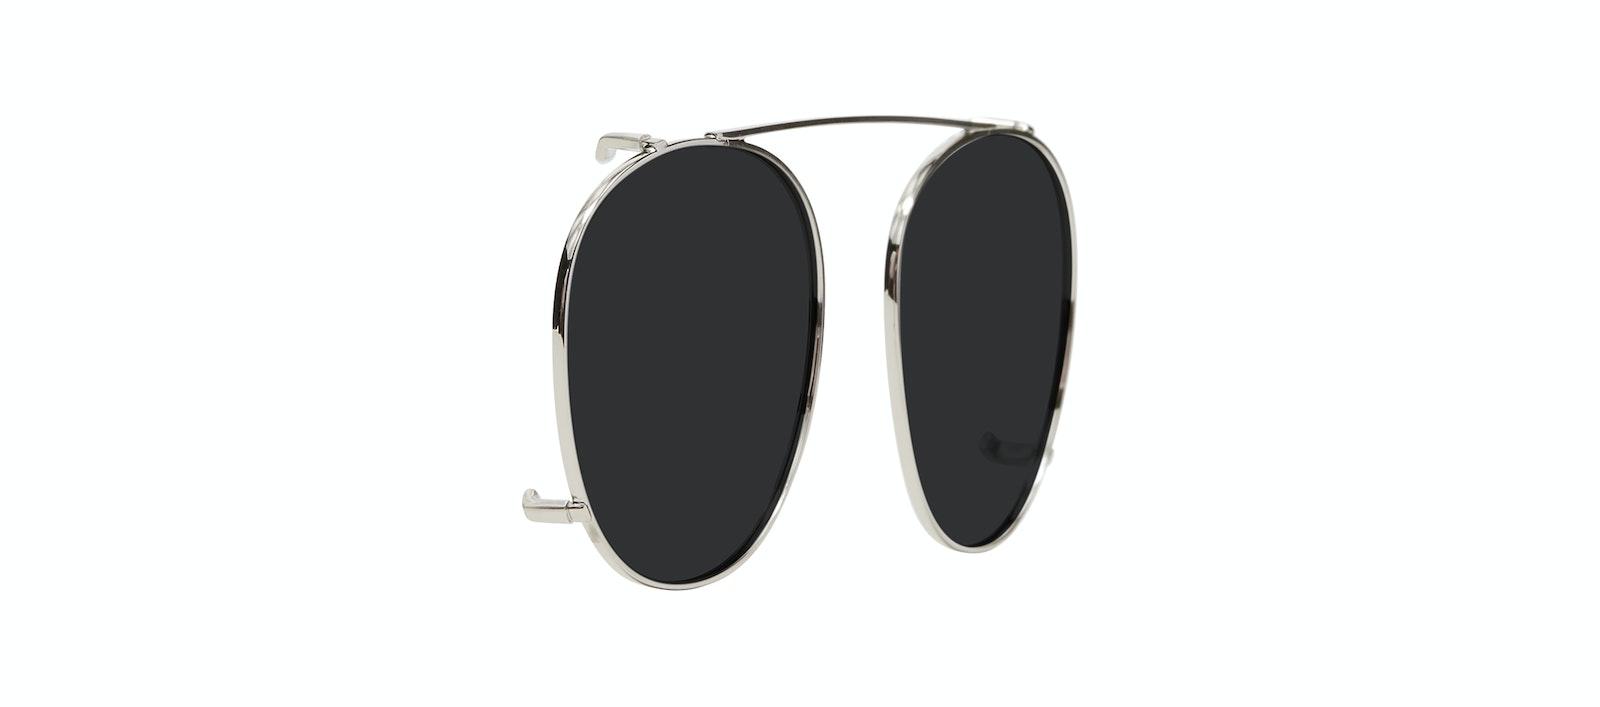 Affordable Fashion Glasses Accessory Men Women Divine Clip M Silver Tilt